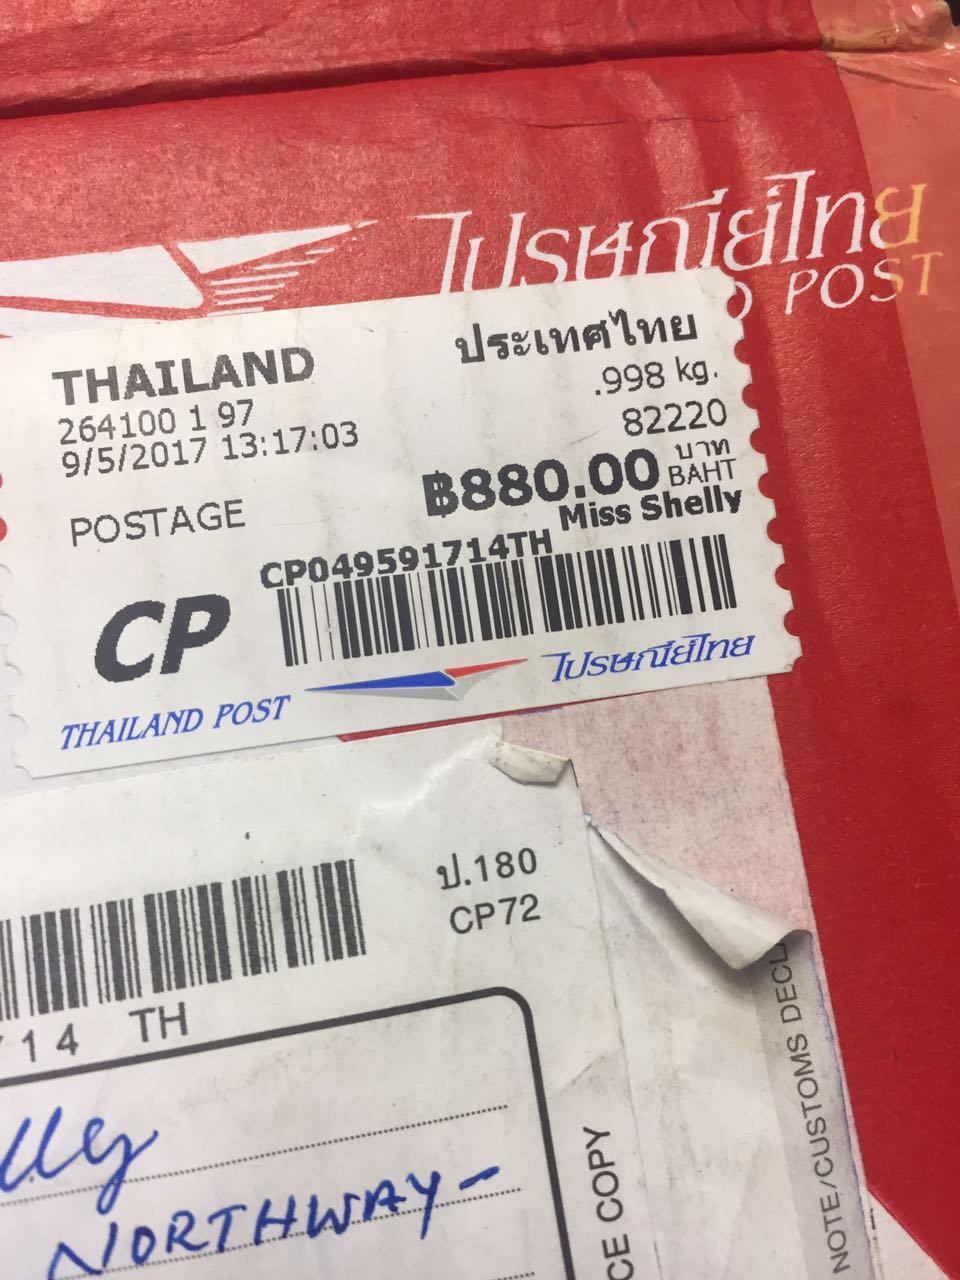 Shelley Seid's parcel